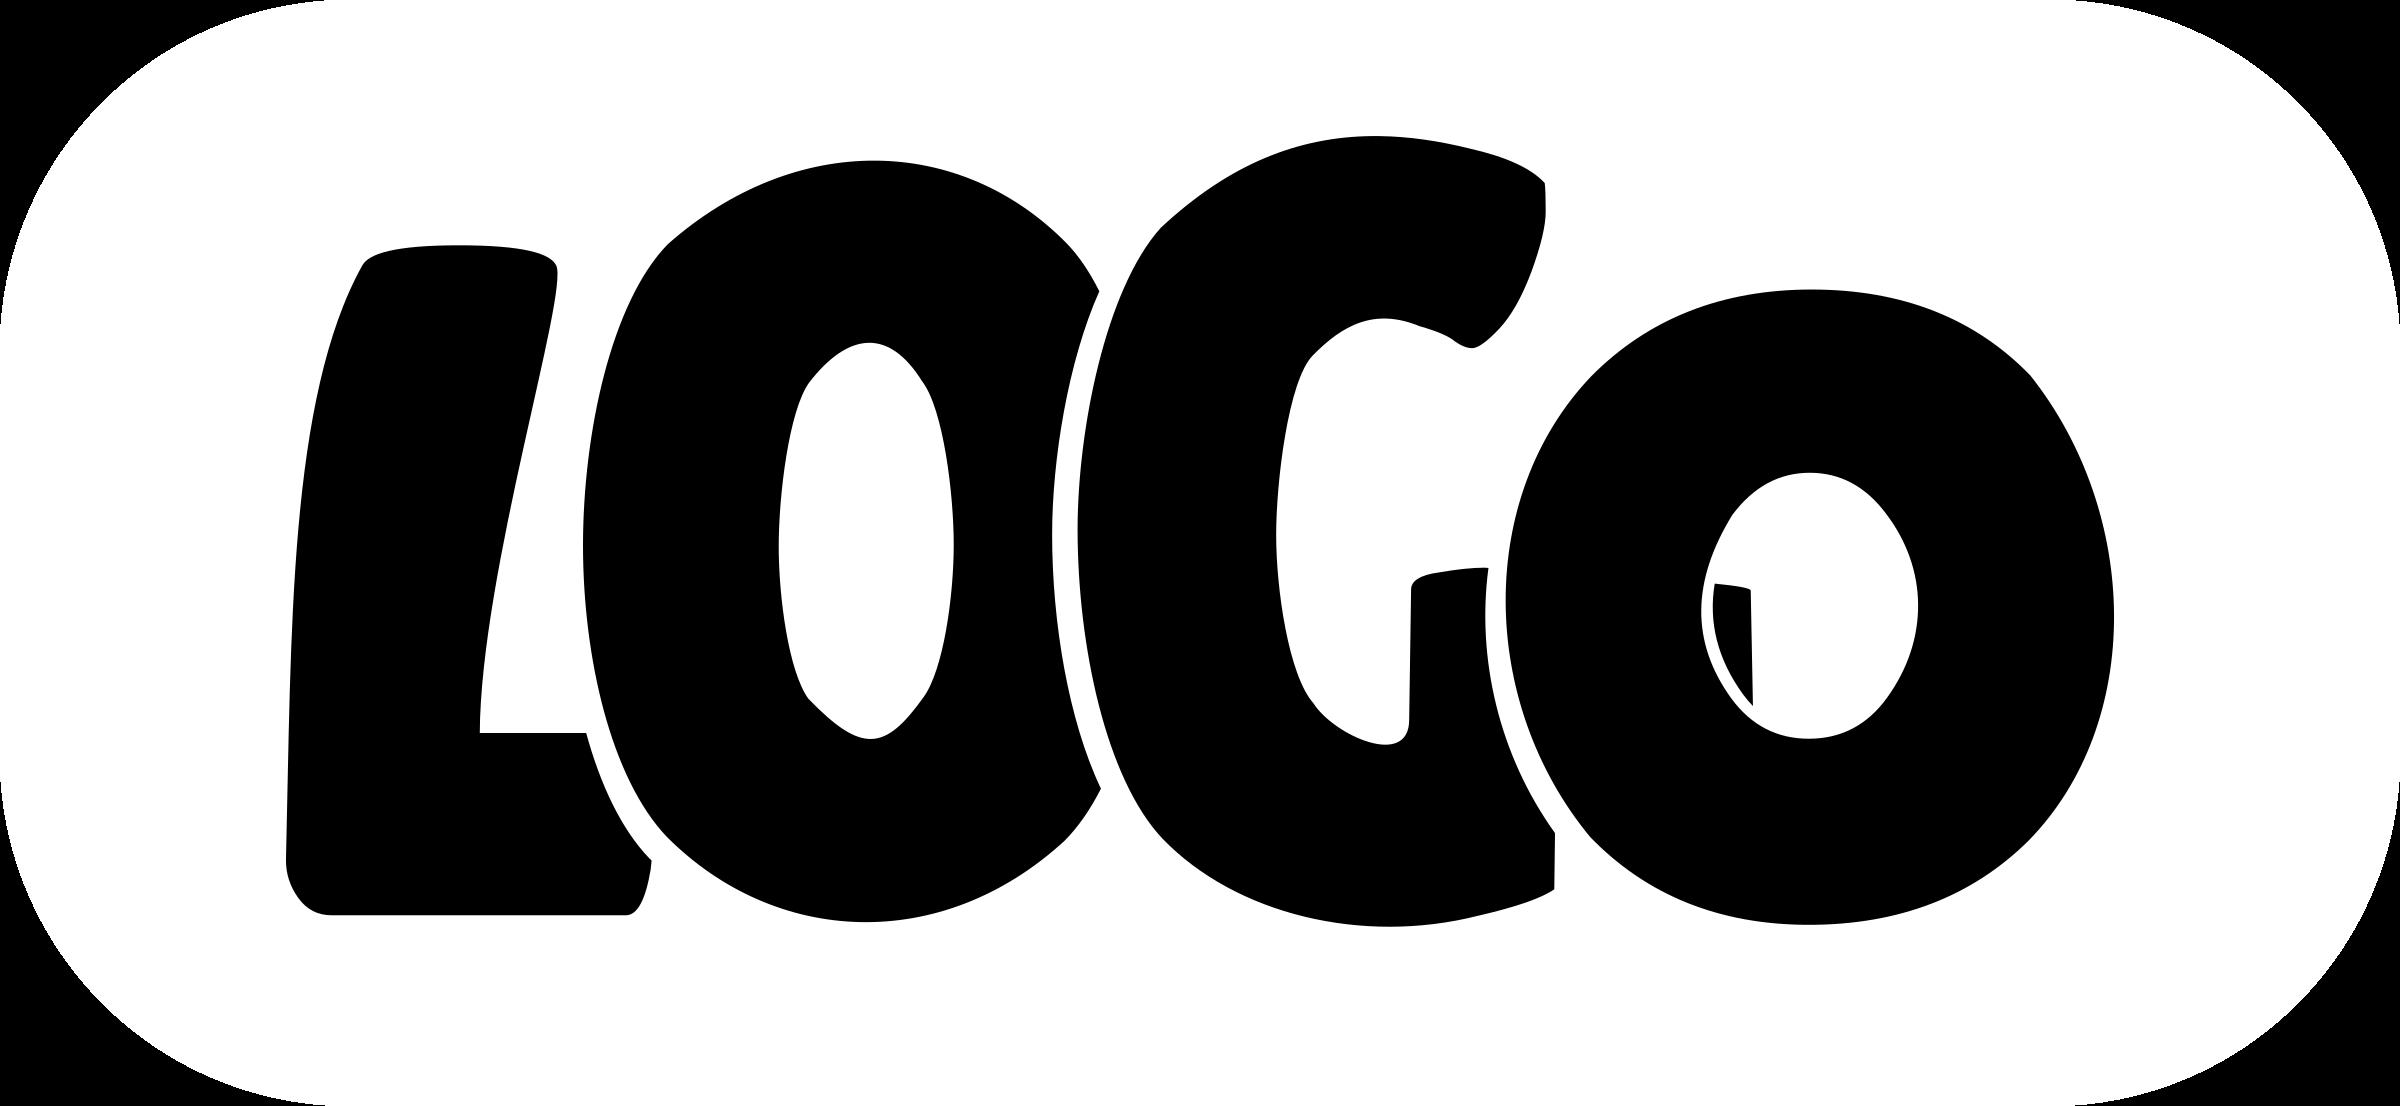 [JB] - El Sonu CT-T Logosu, [JB] - El Sonu CT-T Logosu plugini, eklentisi, CS:GO Plugin, CS GO Plugin, csgo, cs:go, csgo plugin, plugins, pluginler, plugin, satis, satış, plugincim, cs:go plugins, türkçe plugin, sourcemod, pluginleri, eklentiler, CS:GO eklentileri, CSGO eklentileri